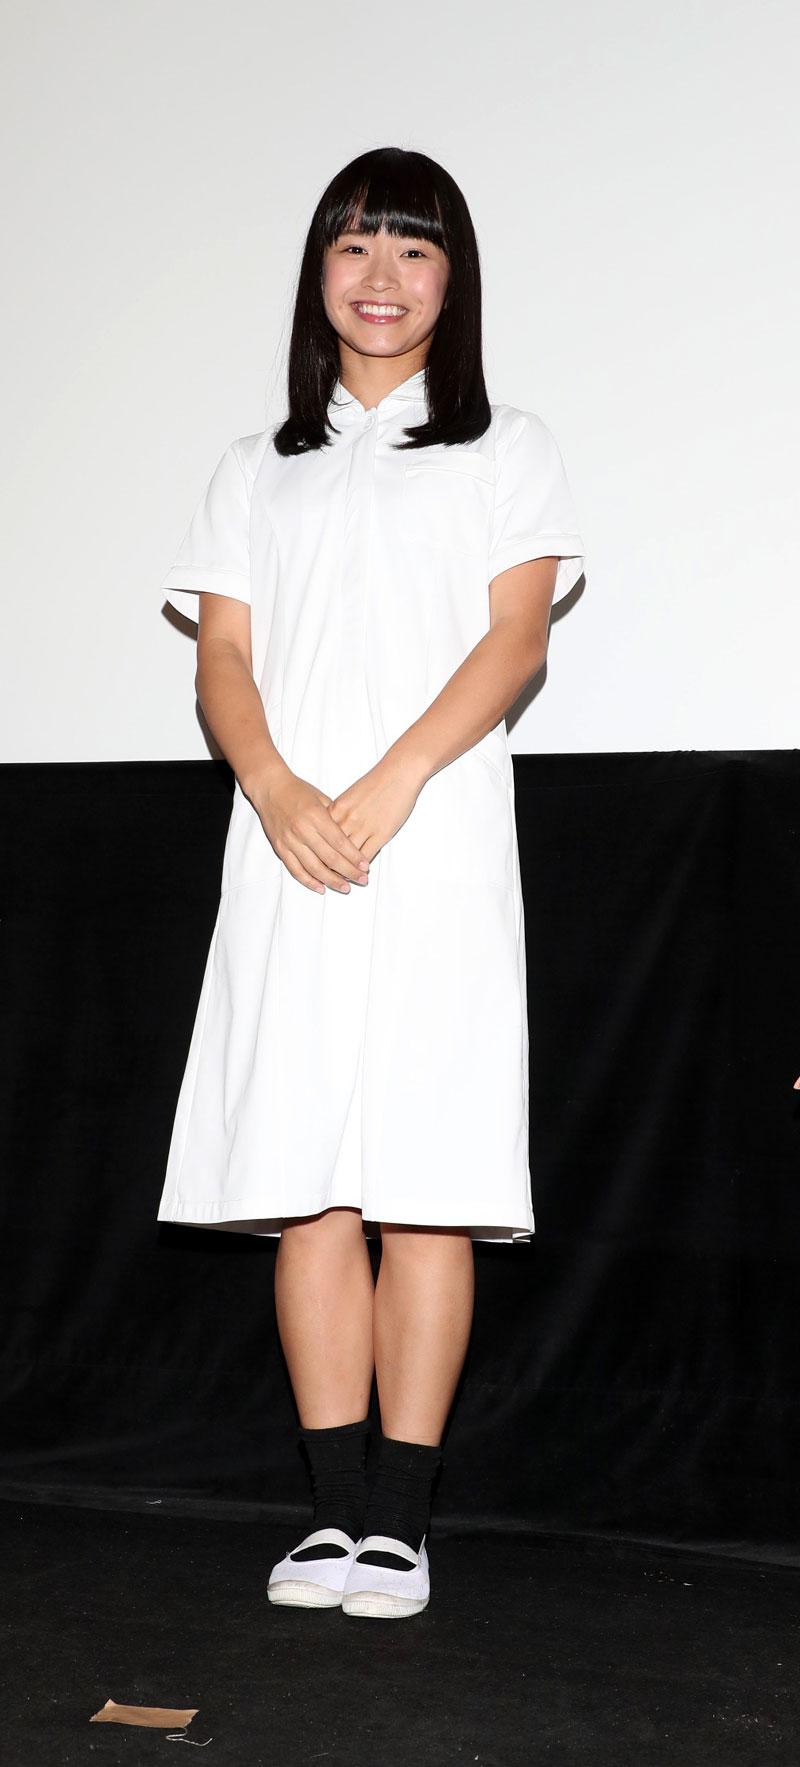 Images : 3番目の画像 - 「山田菜々美(AKB48)、百川晴香/映画『黒看』のプレミア上映会開催。「スクリーンに自分が映っているのは不思議な気持ちですけど、たくさんの方が来てくださって幸せです」」のアルバム - Stereo Sound ONLINE